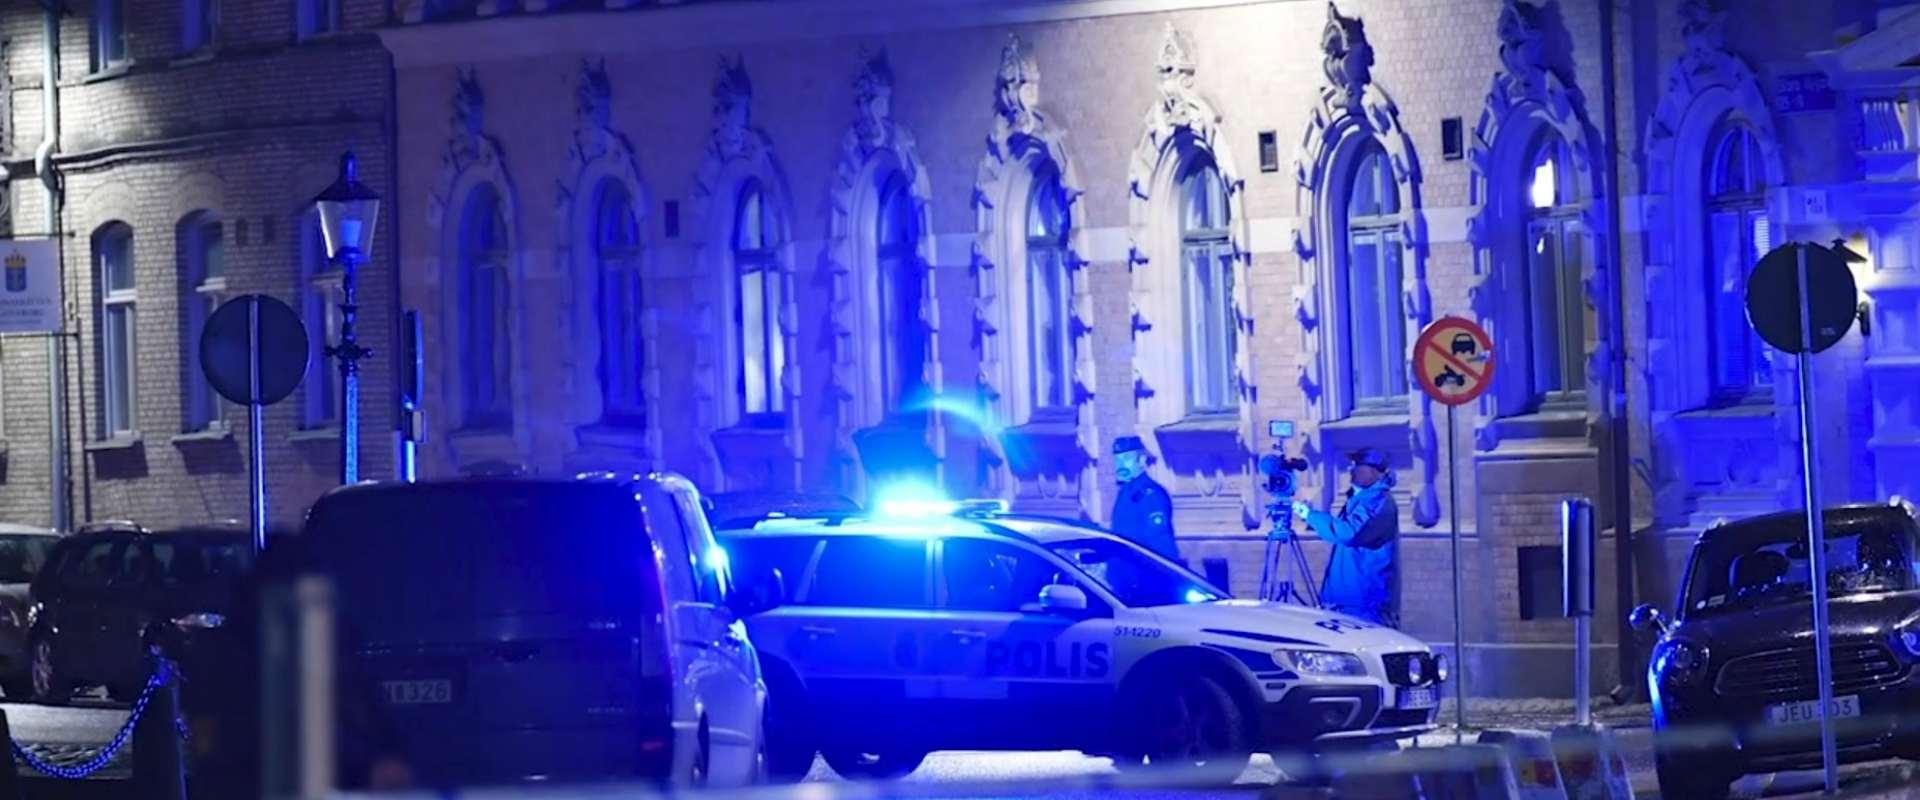 כוחות משטרה ליד בית הכנסת בגטבורג